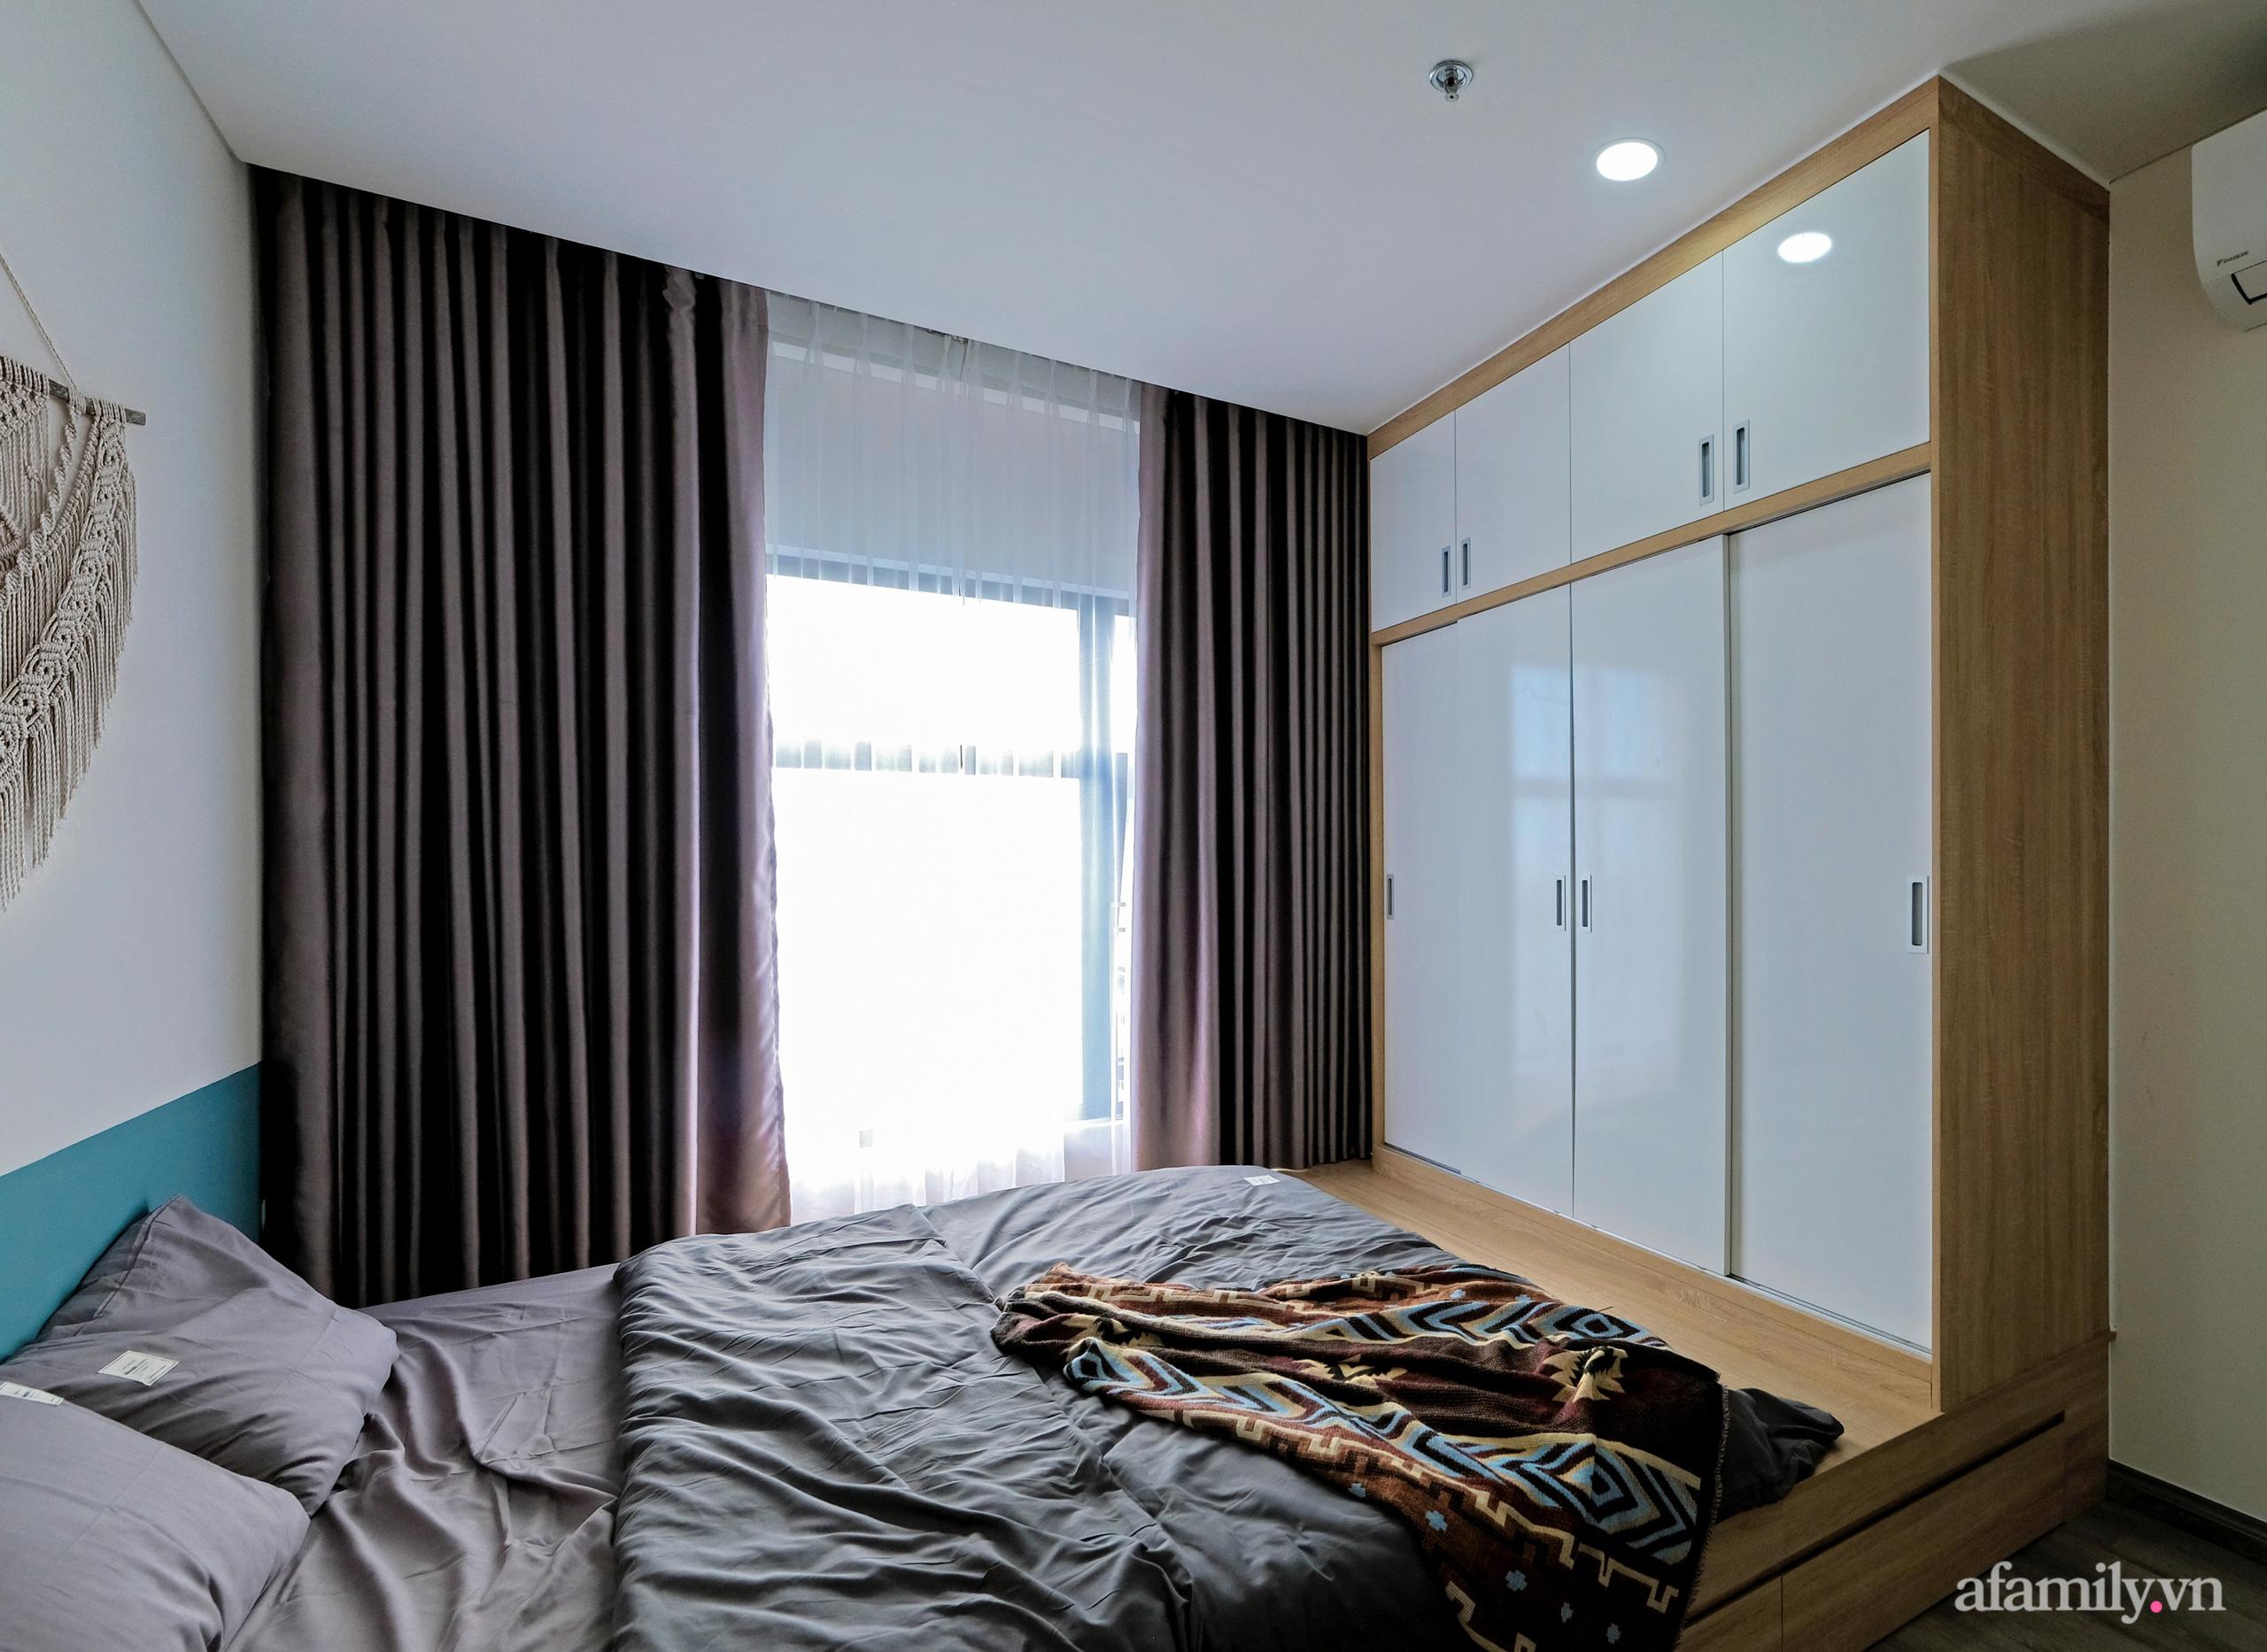 Căn hộ 75m² view sông Hàn đắt giá nhưng được thiết kế nội thất bình dị, ấm áp có chi phí 78 triệu đồng ở TP Đà Nẵng - Ảnh 14.